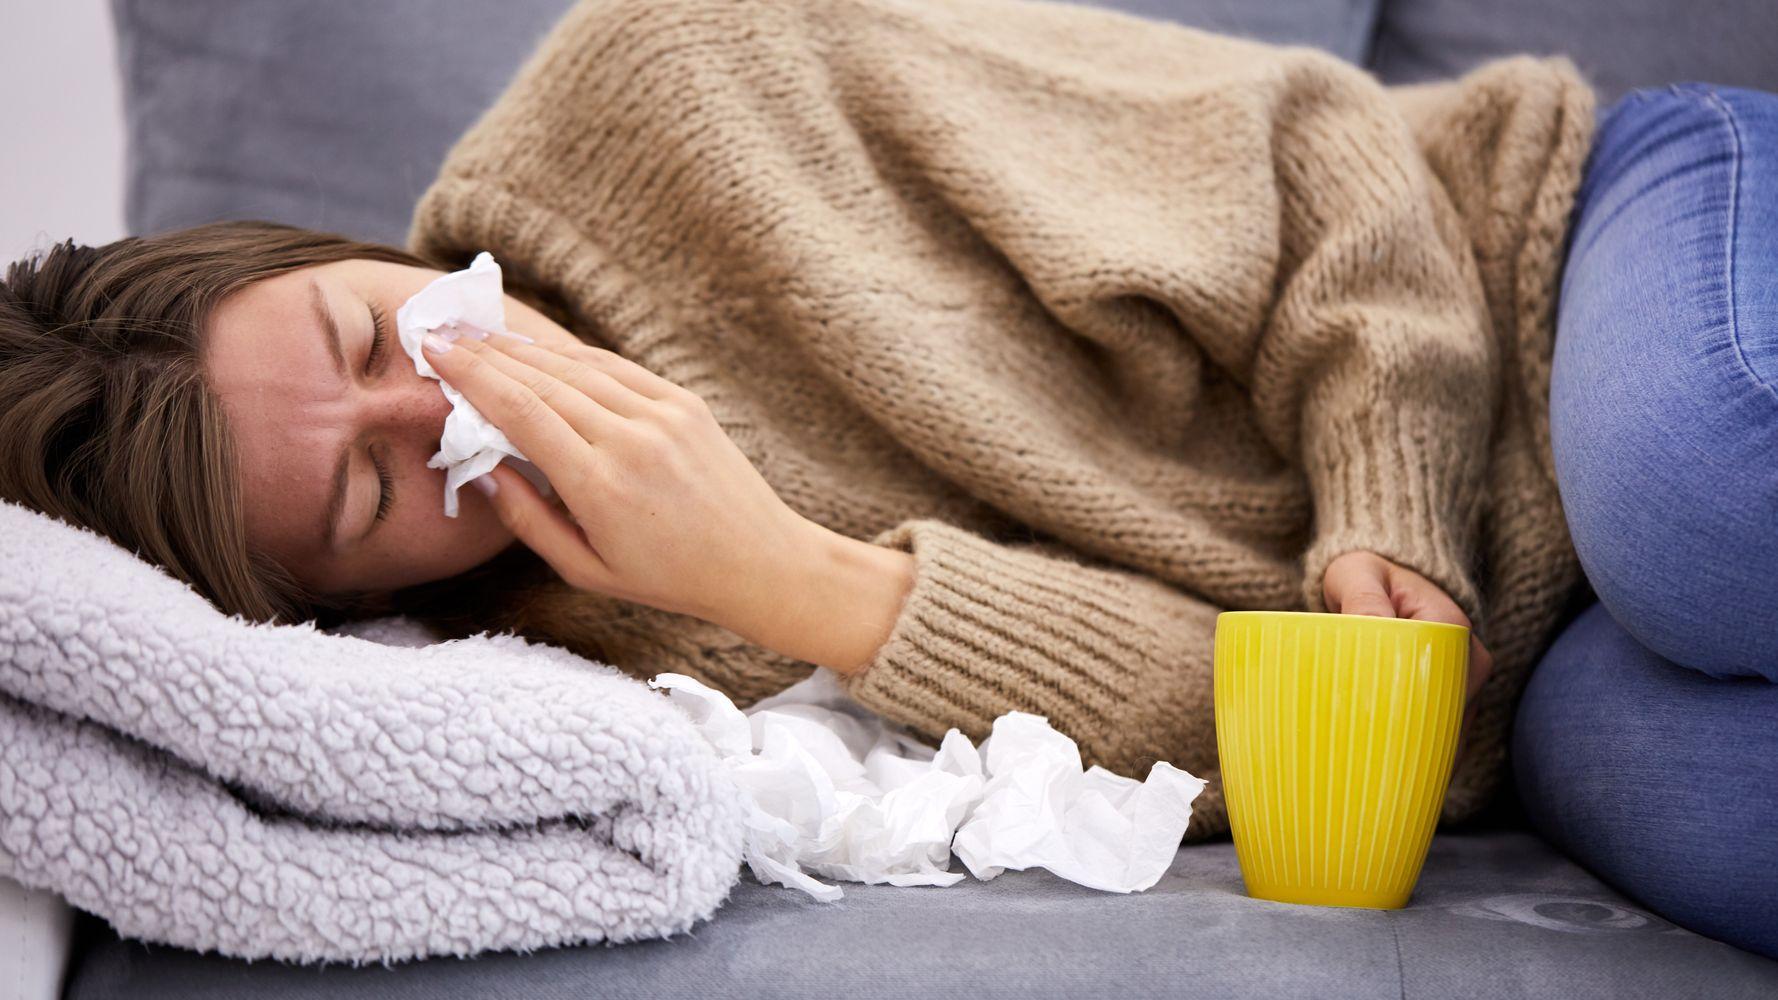 La saison grippale est inhabituelle au Québec